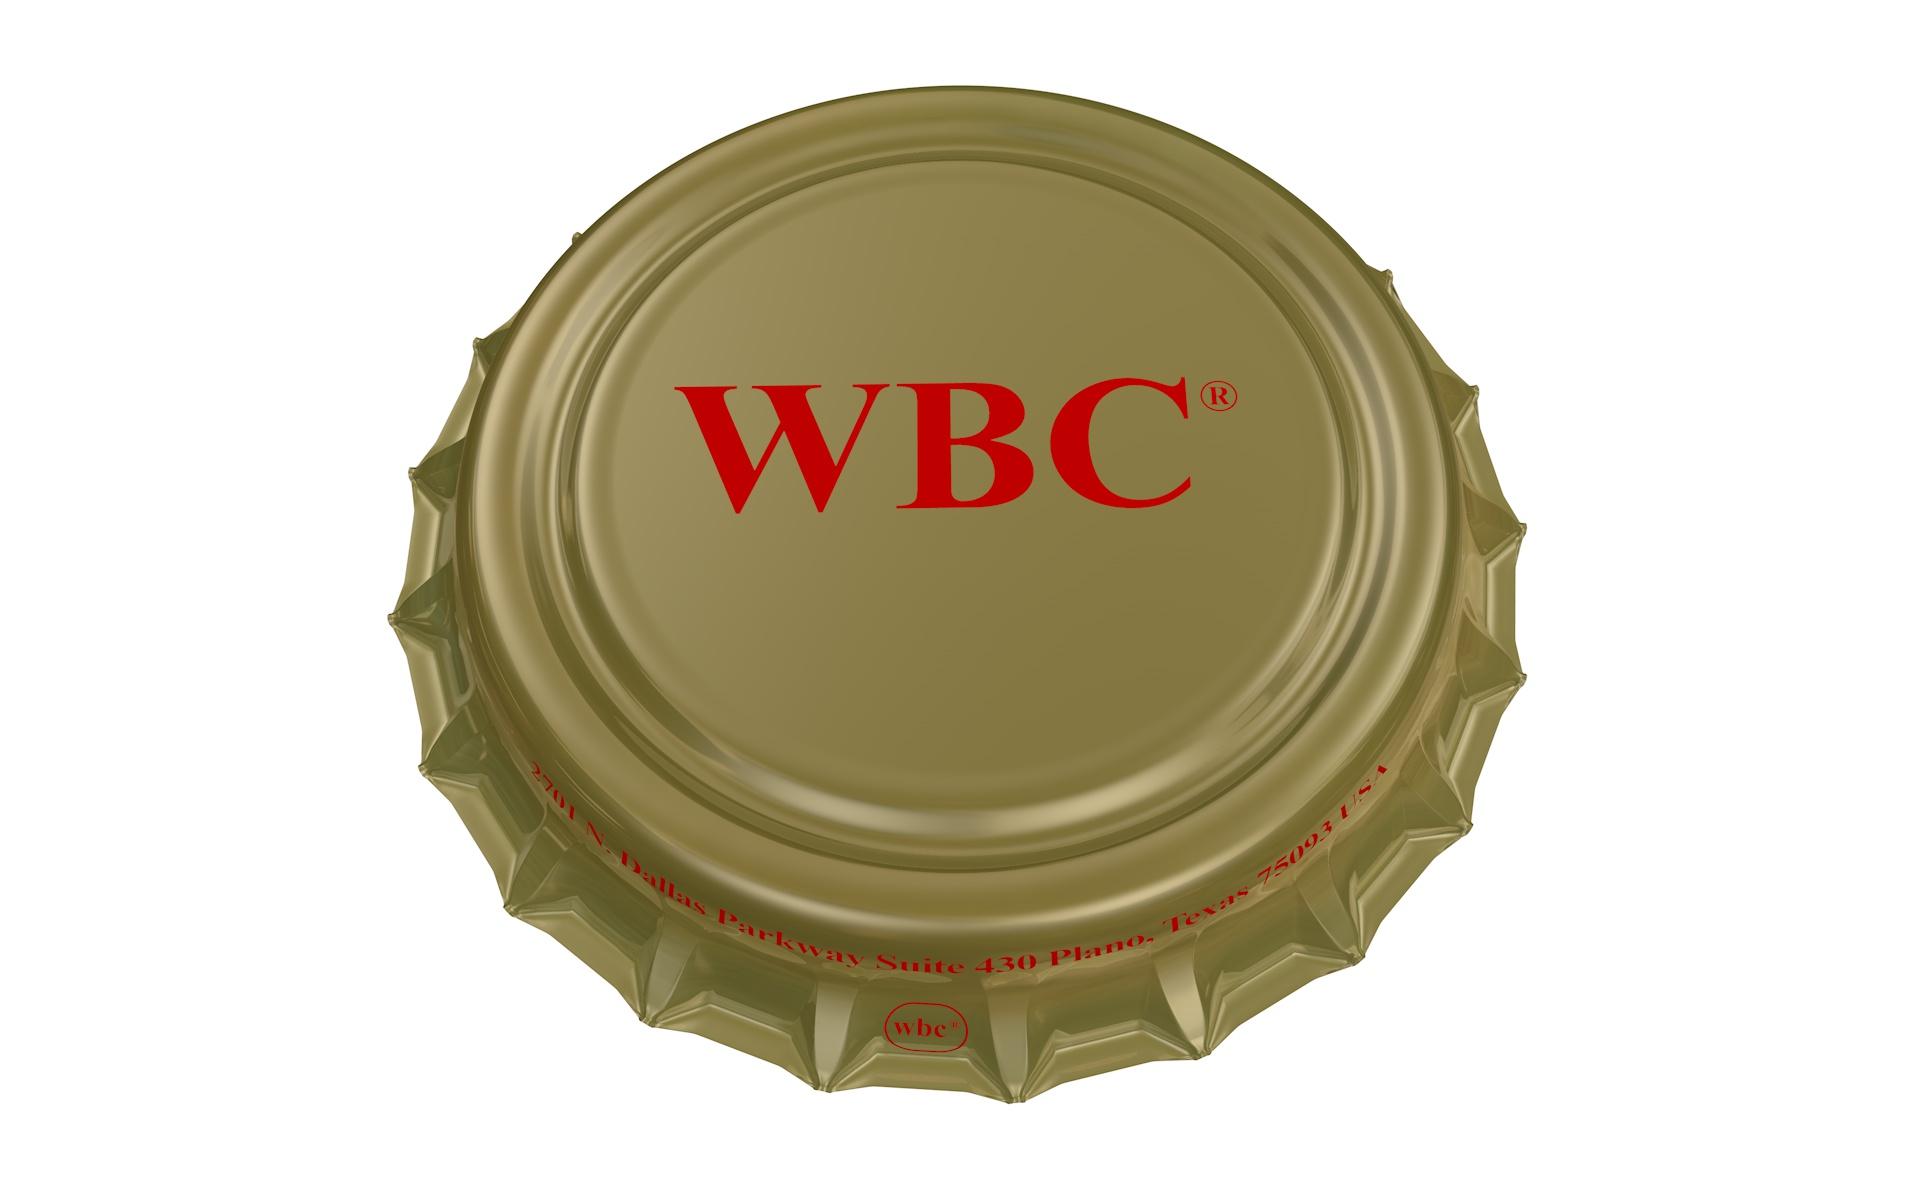 rgc-wbc-002_0000